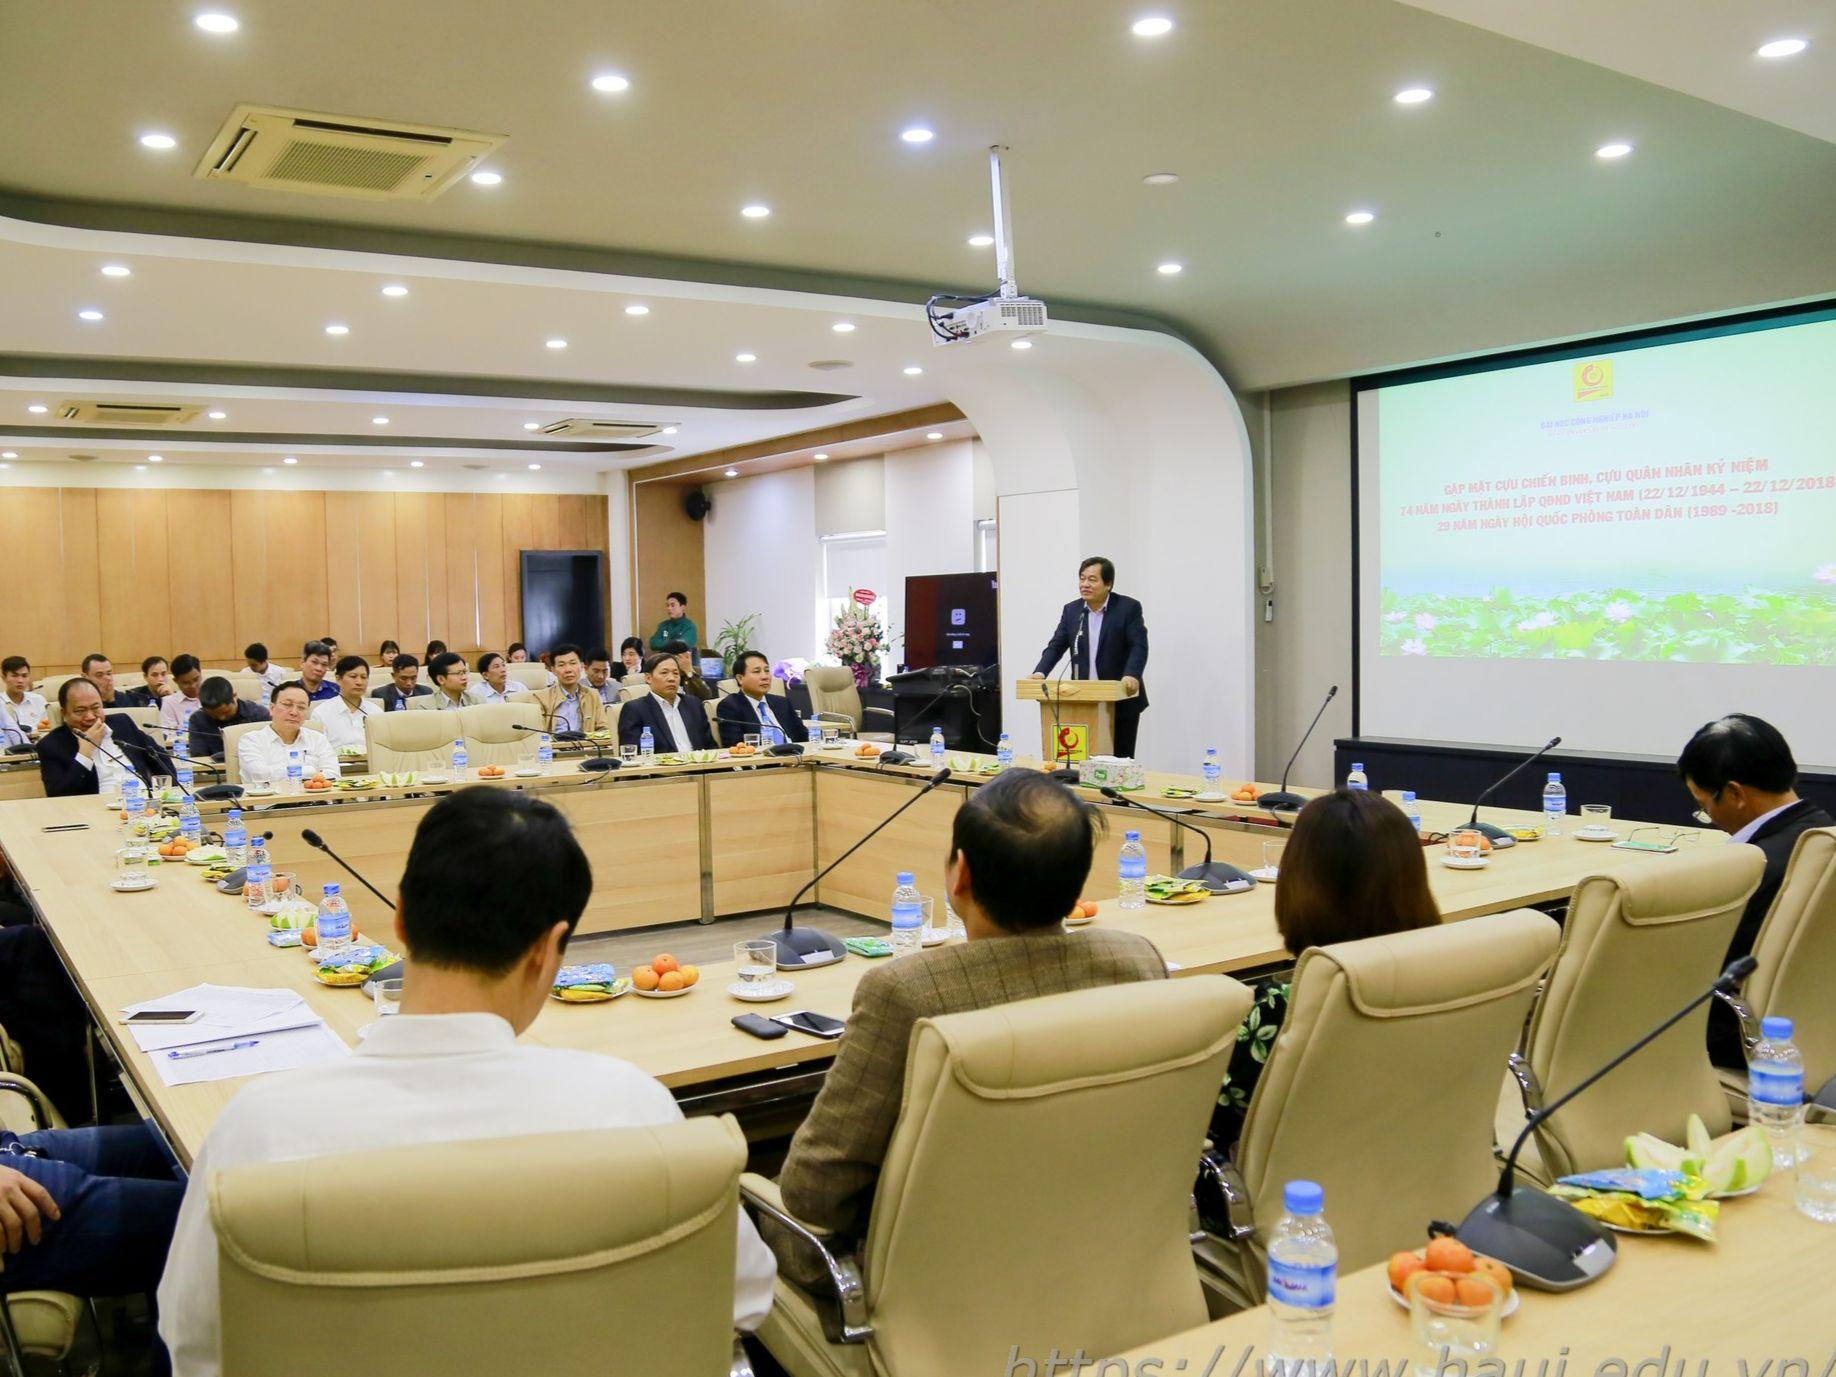 Trường Đại học Công nghiệp Hà Nội tổ chức gặp mặt Cựu chiến binh, Cựu quân nhân